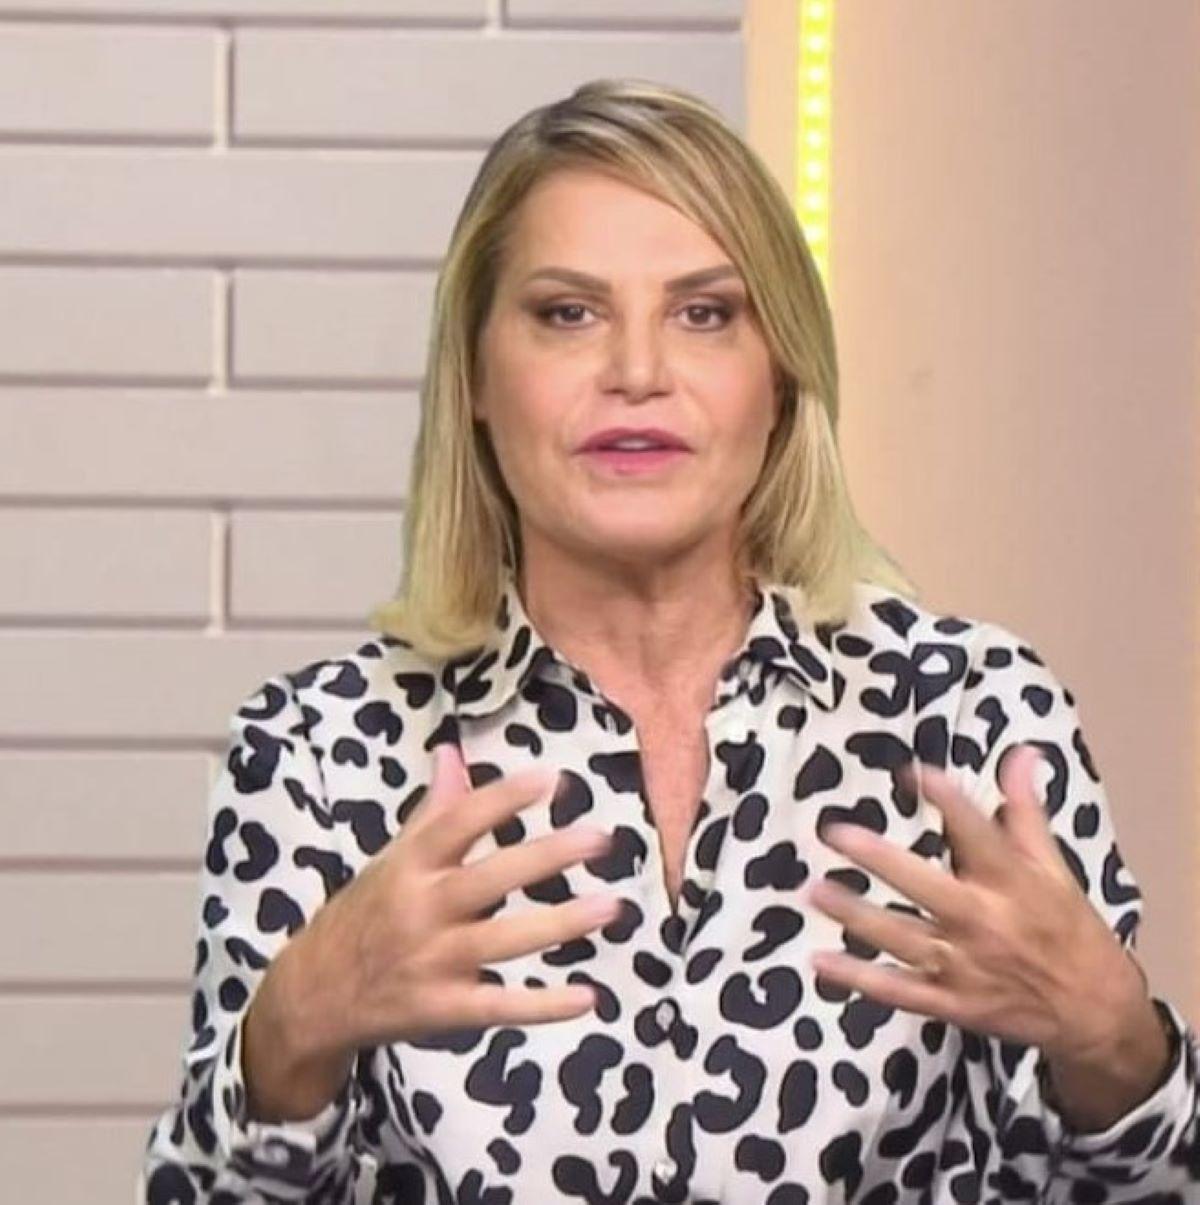 Simona Ventura Accusa Drogata